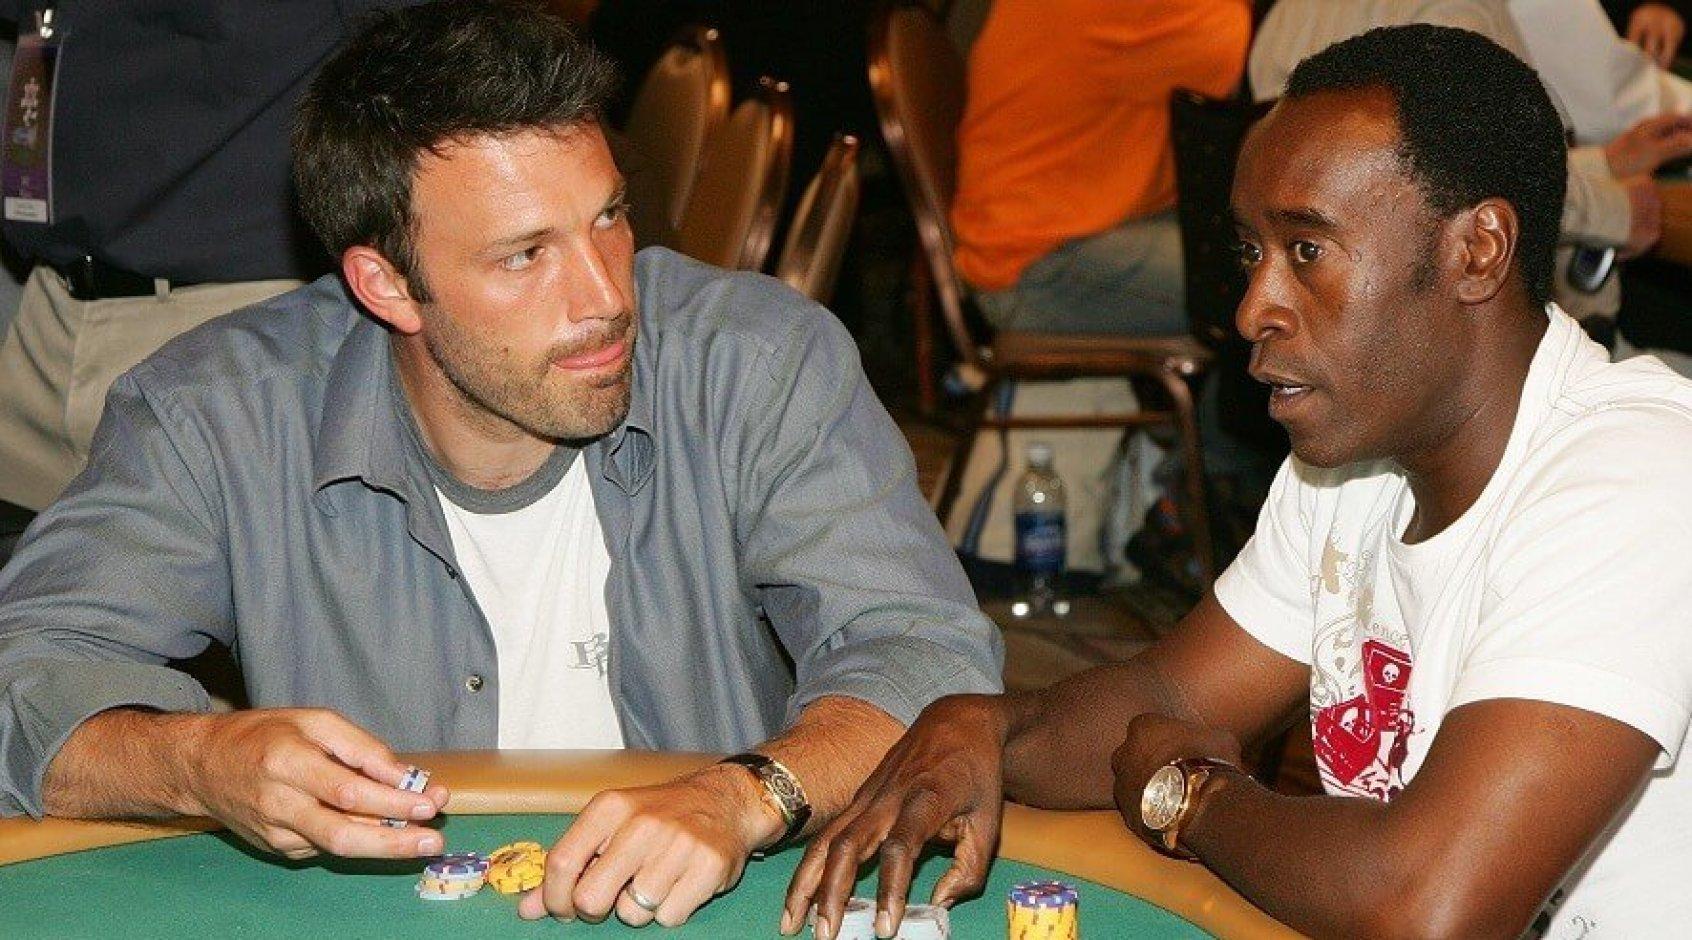 Коронавирус в США: звезды Голливуда сыграют в покер, чтобы помочь малоимущим